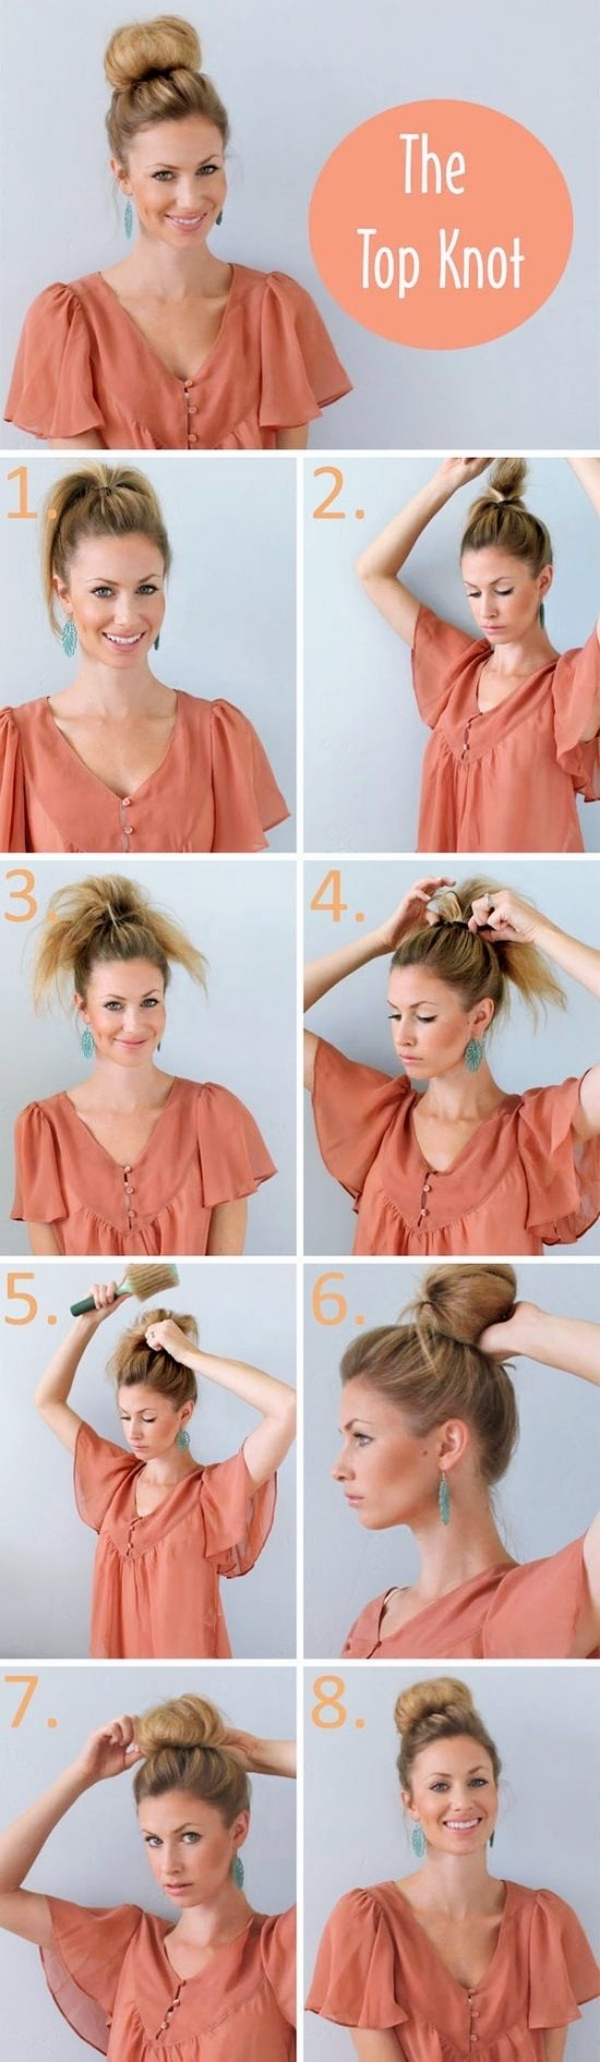 40 einfache Frisuren (keine Haarschnitte) für Frauen mit kurzem Haar - wie man kurze Haarschnitte style